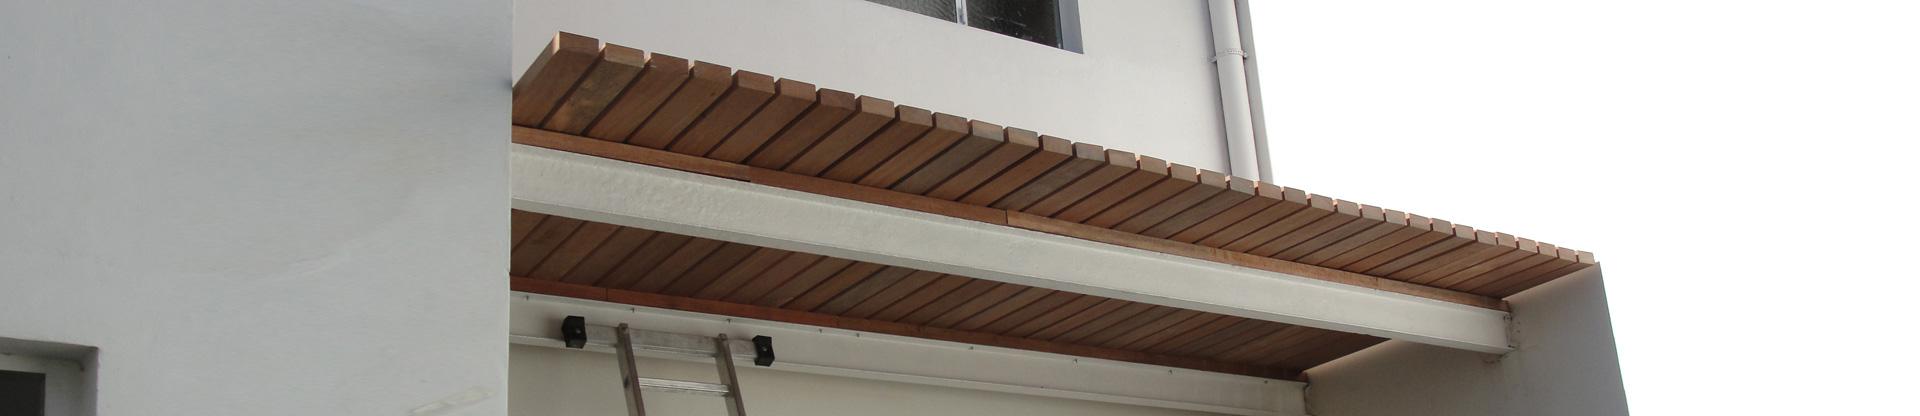 Decks de madera precios decks de madera para exteriores buenos aires capital federal - Madera para exteriores ...